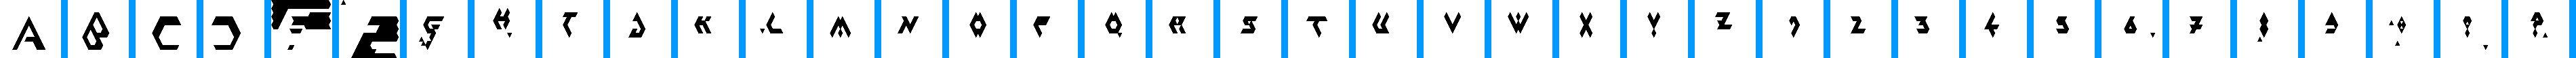 Particip-a-type v.142